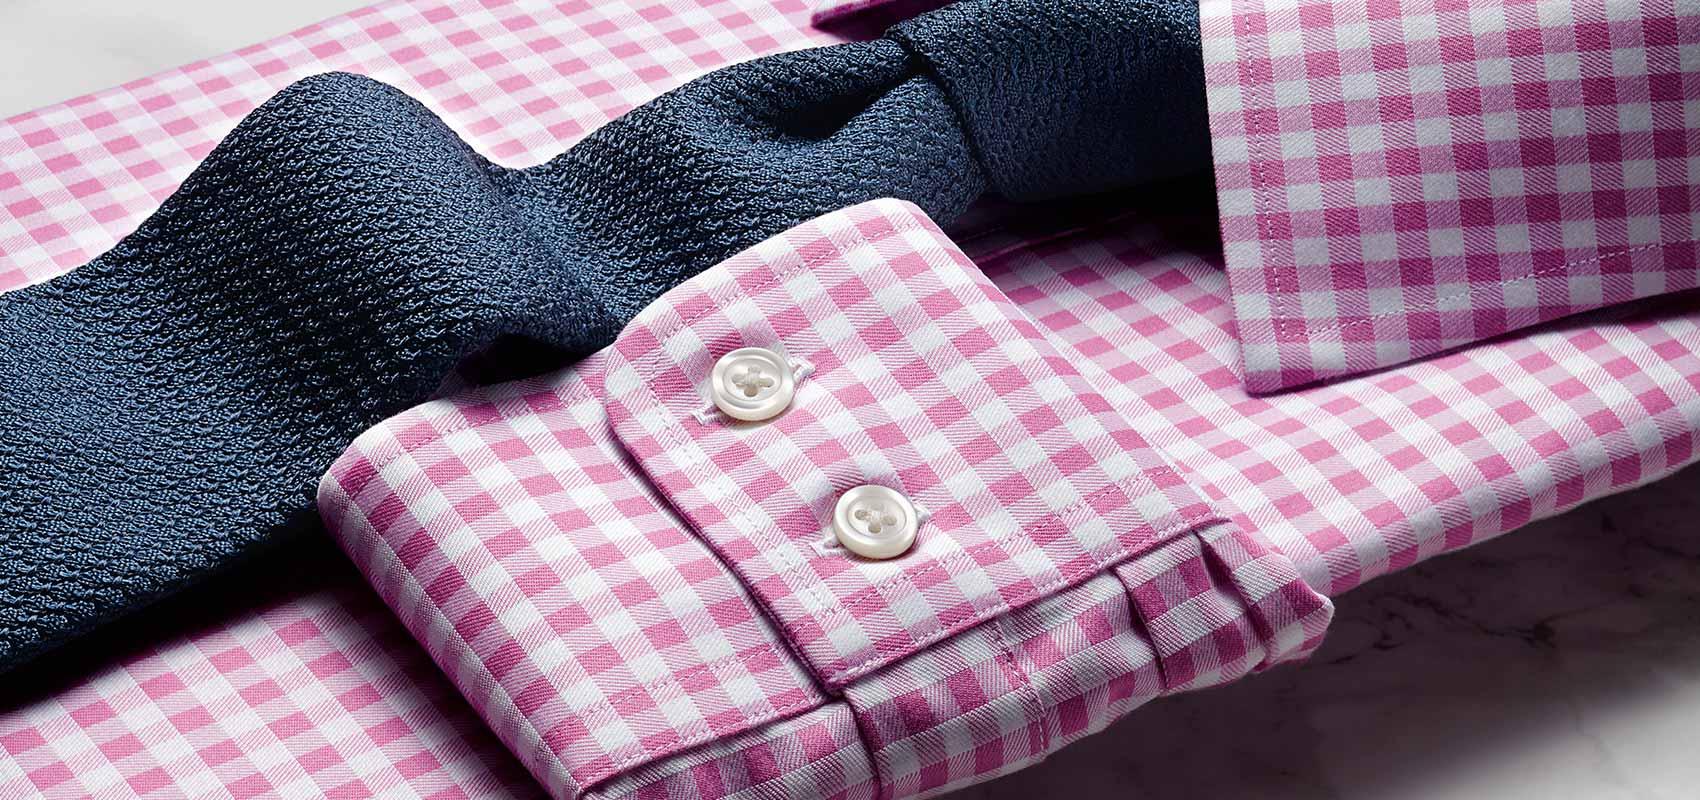 Charles Tyrwhitt Chemises roses et violettes